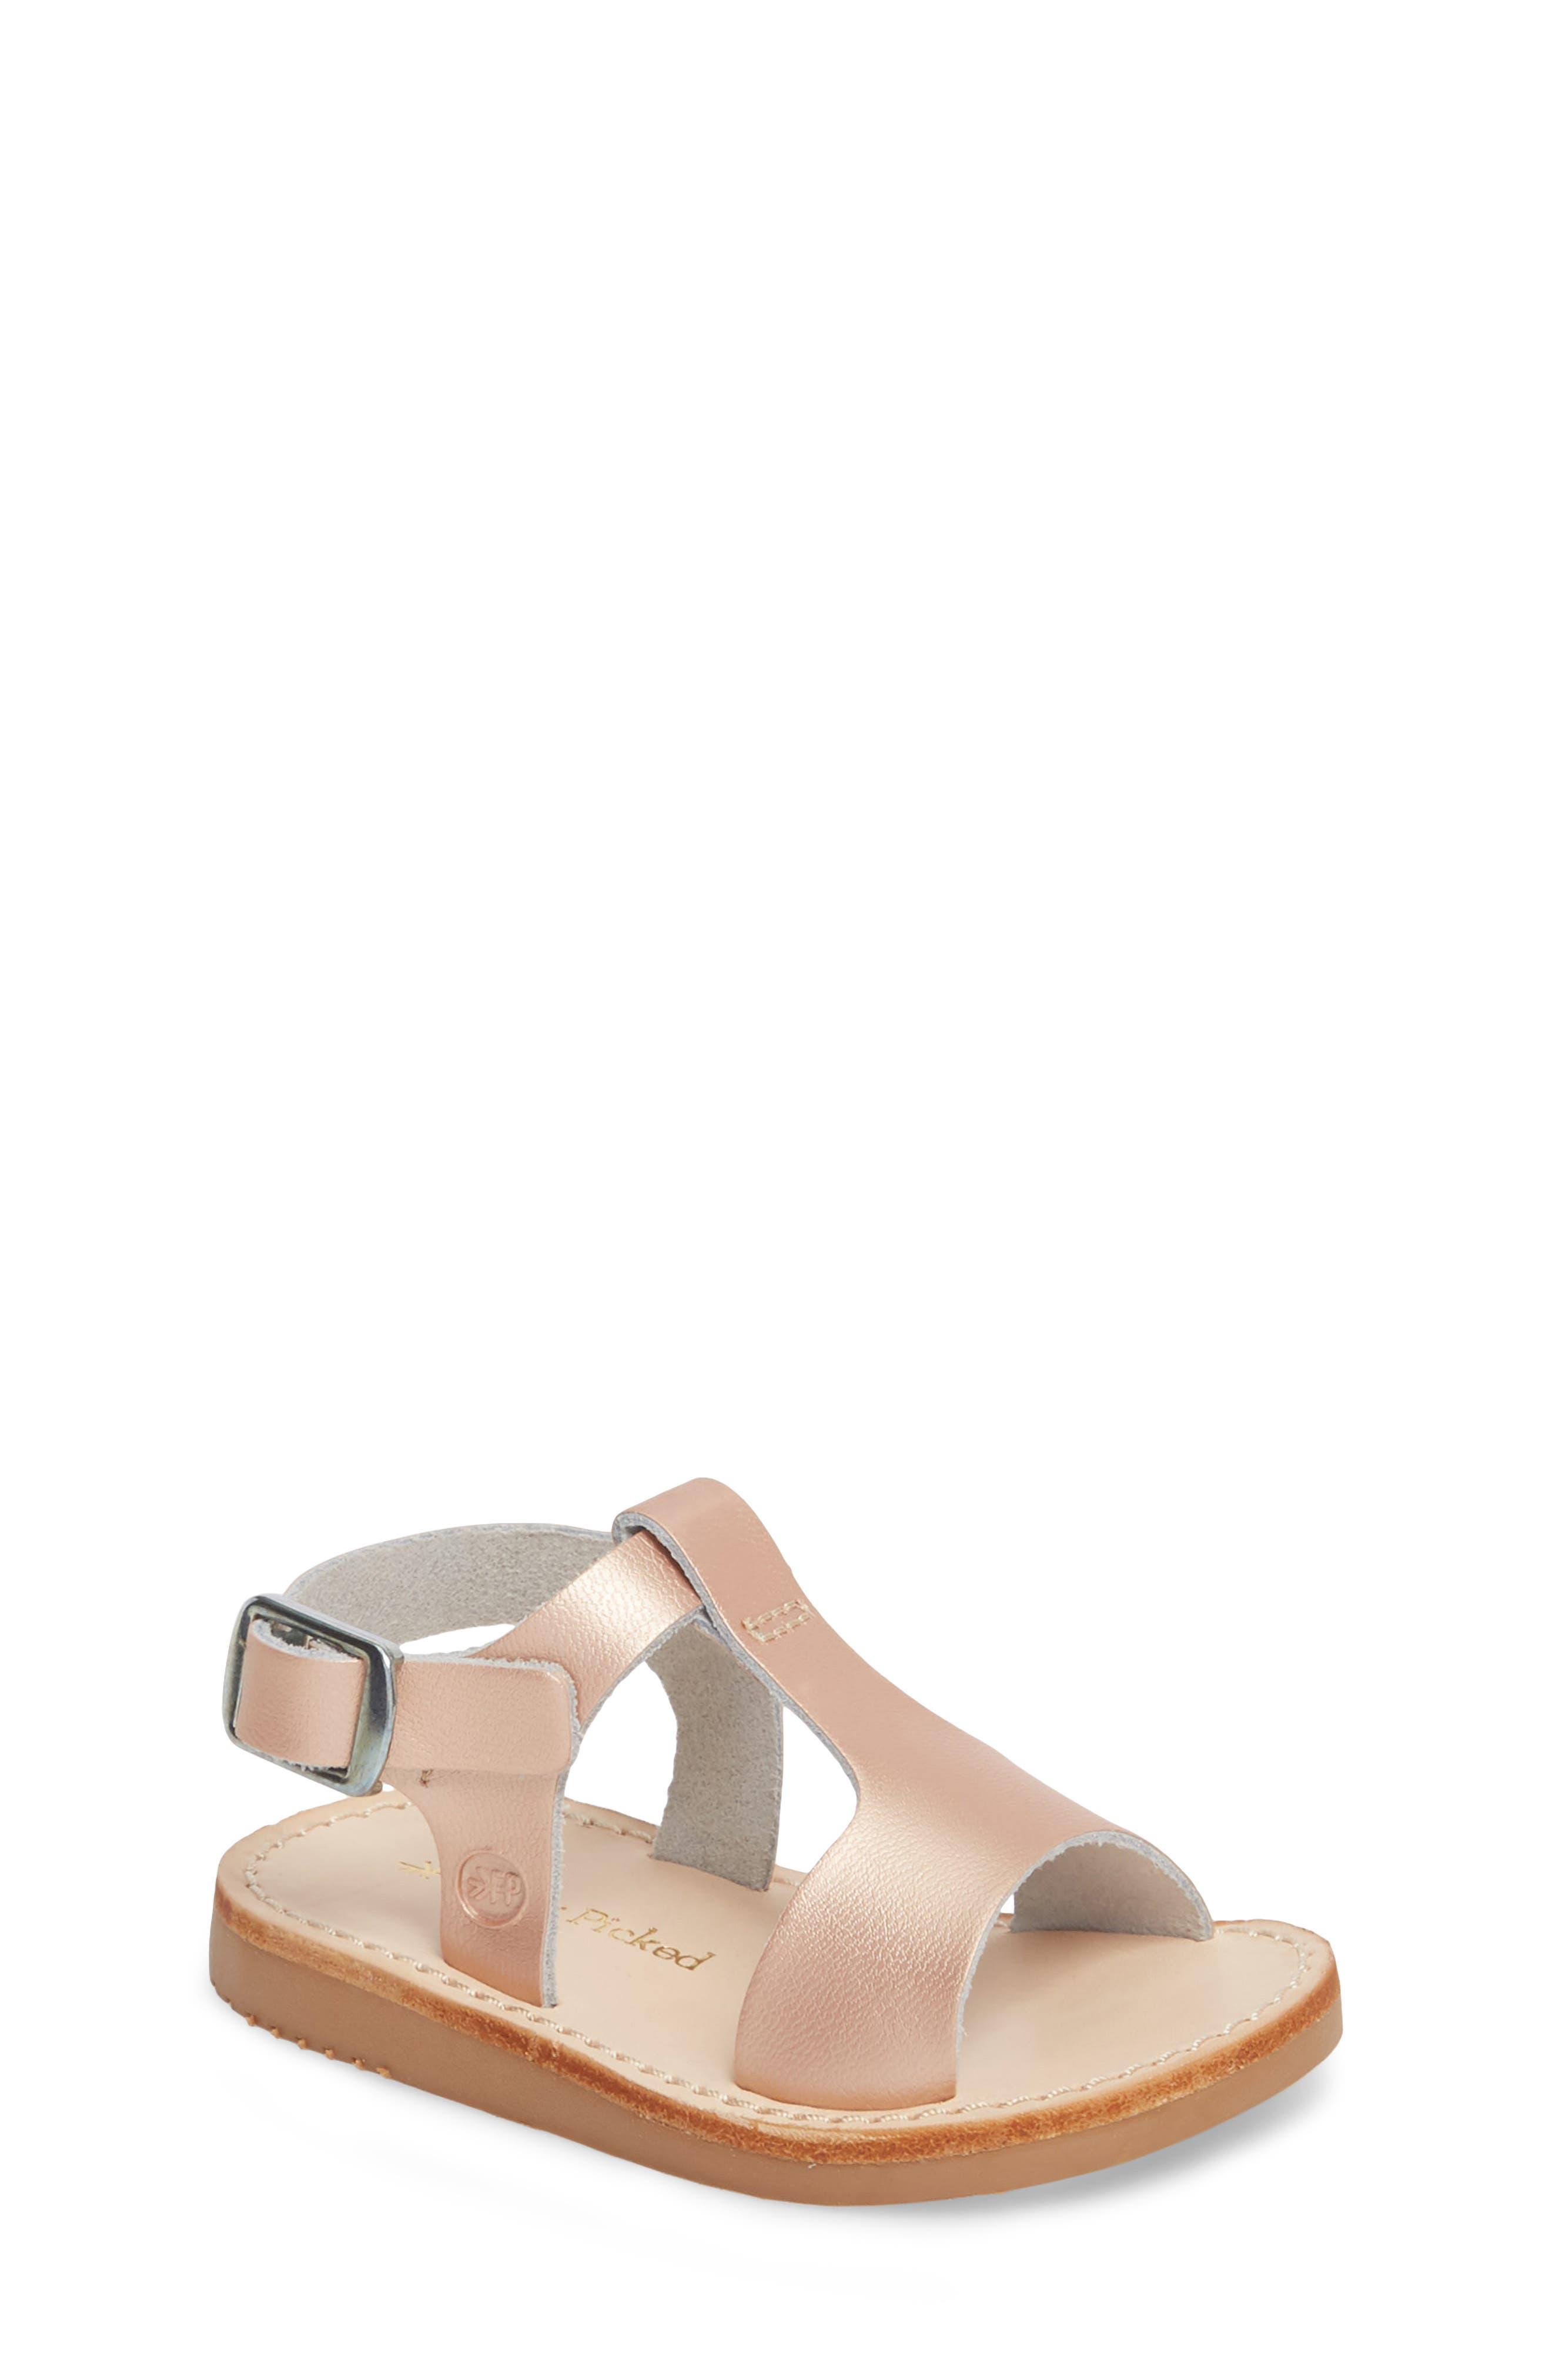 Malibu Water Resistant Sandal,                         Main,                         color, ROSE GOLD